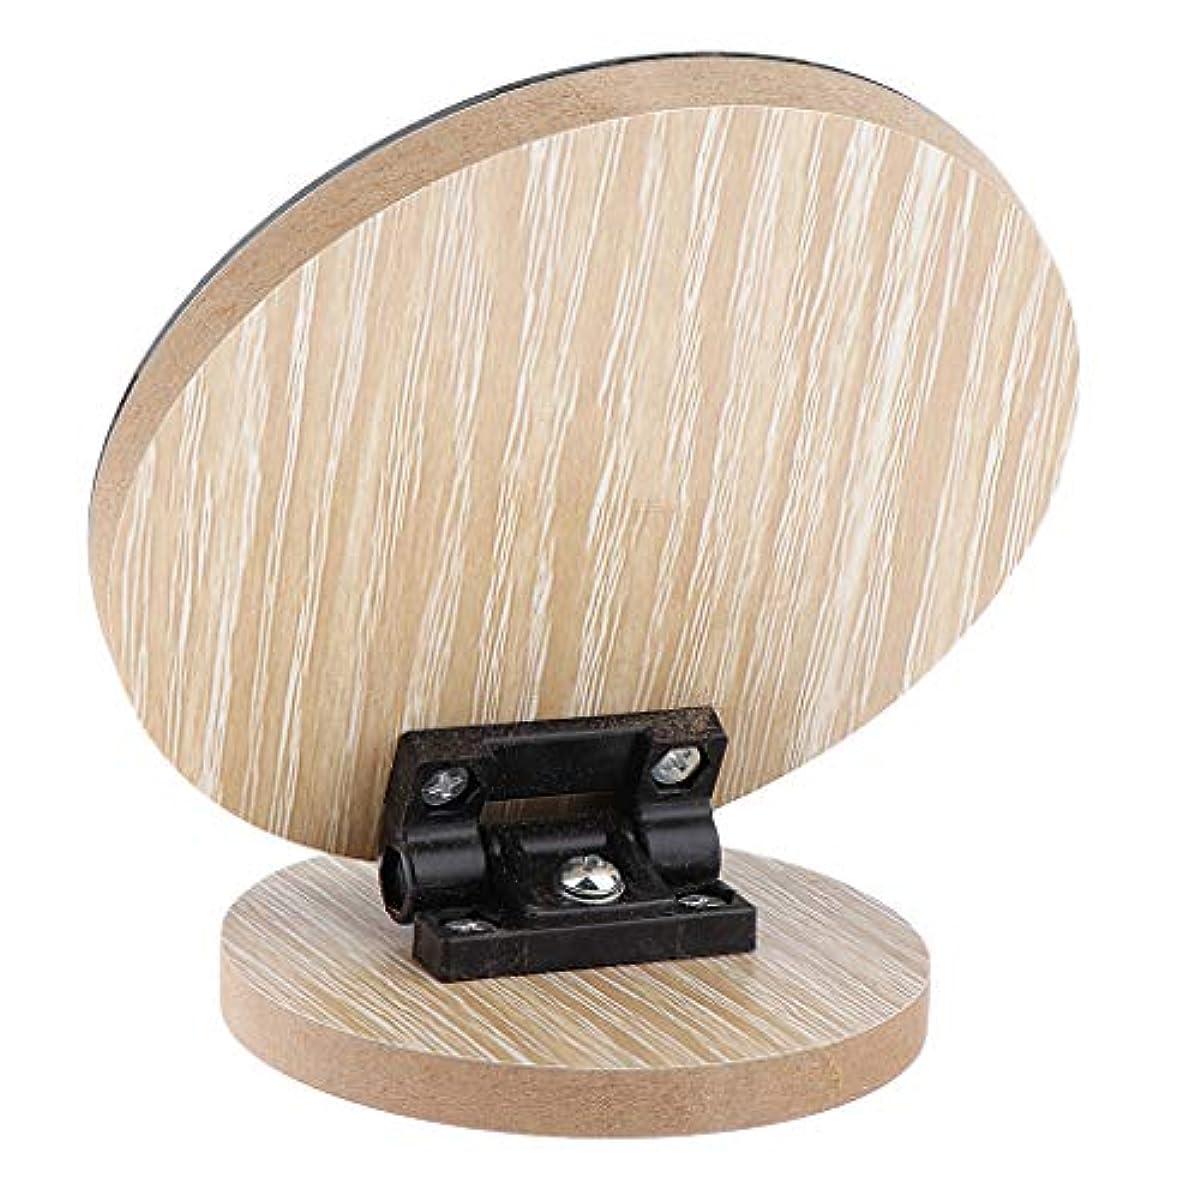 インディカ決定する衣類CUTICATE 化粧鏡 メイクアップミラー 化粧 テーブルトップ メイクミラー お化粧 2サイズ選べ - 12.5 cm